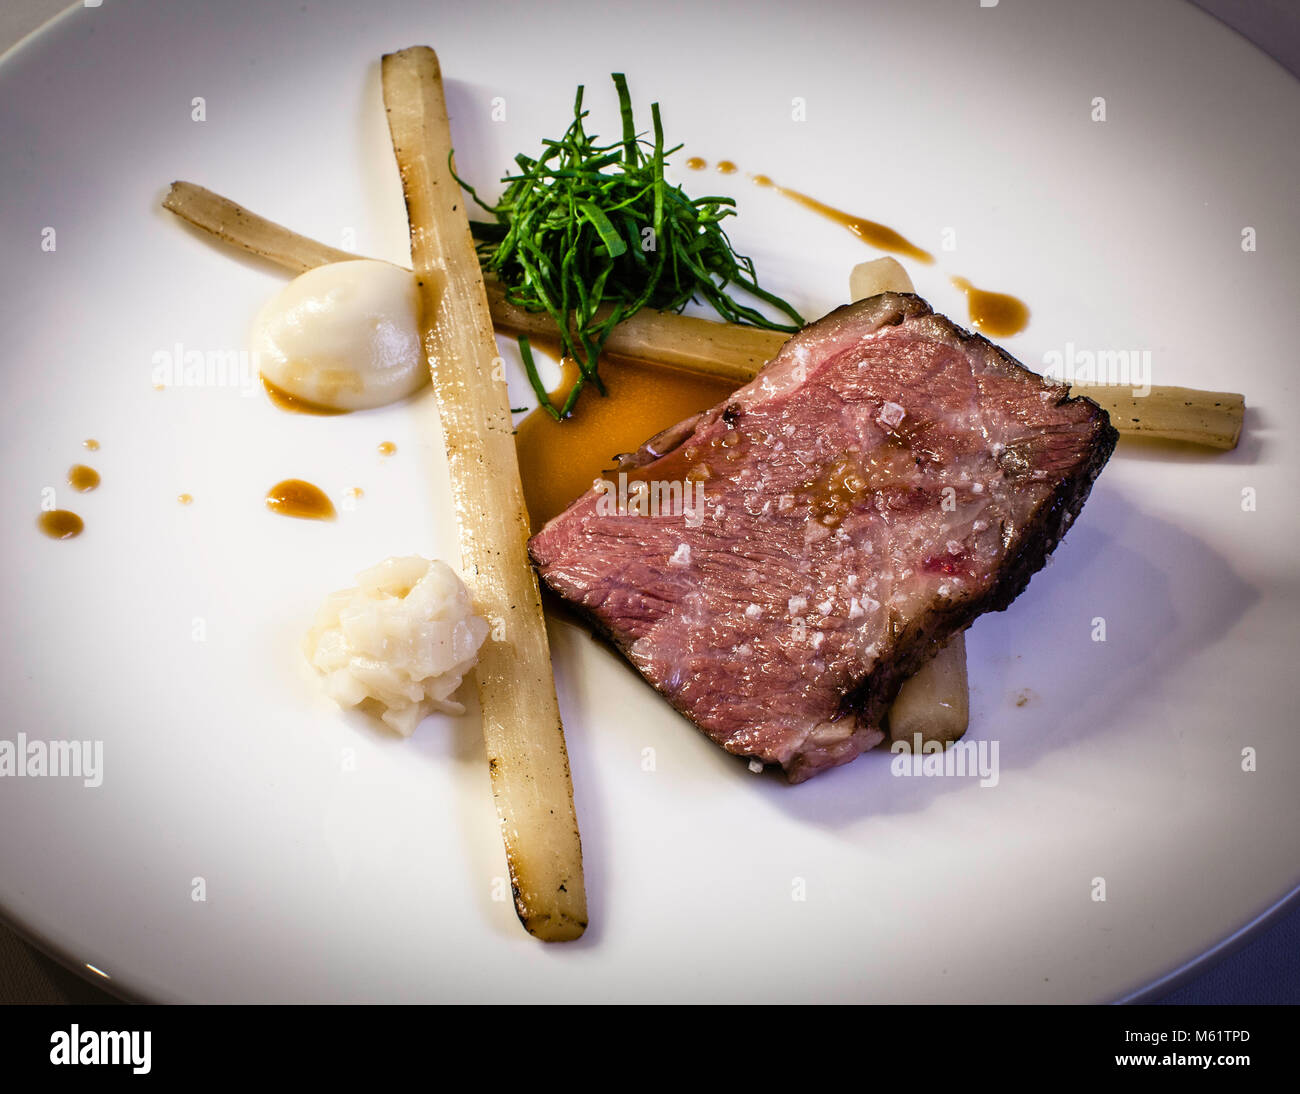 Petto di manzo alla griglia con salsa e radice di girasole di Michelin Lo chef Marco Müller Foto Stock